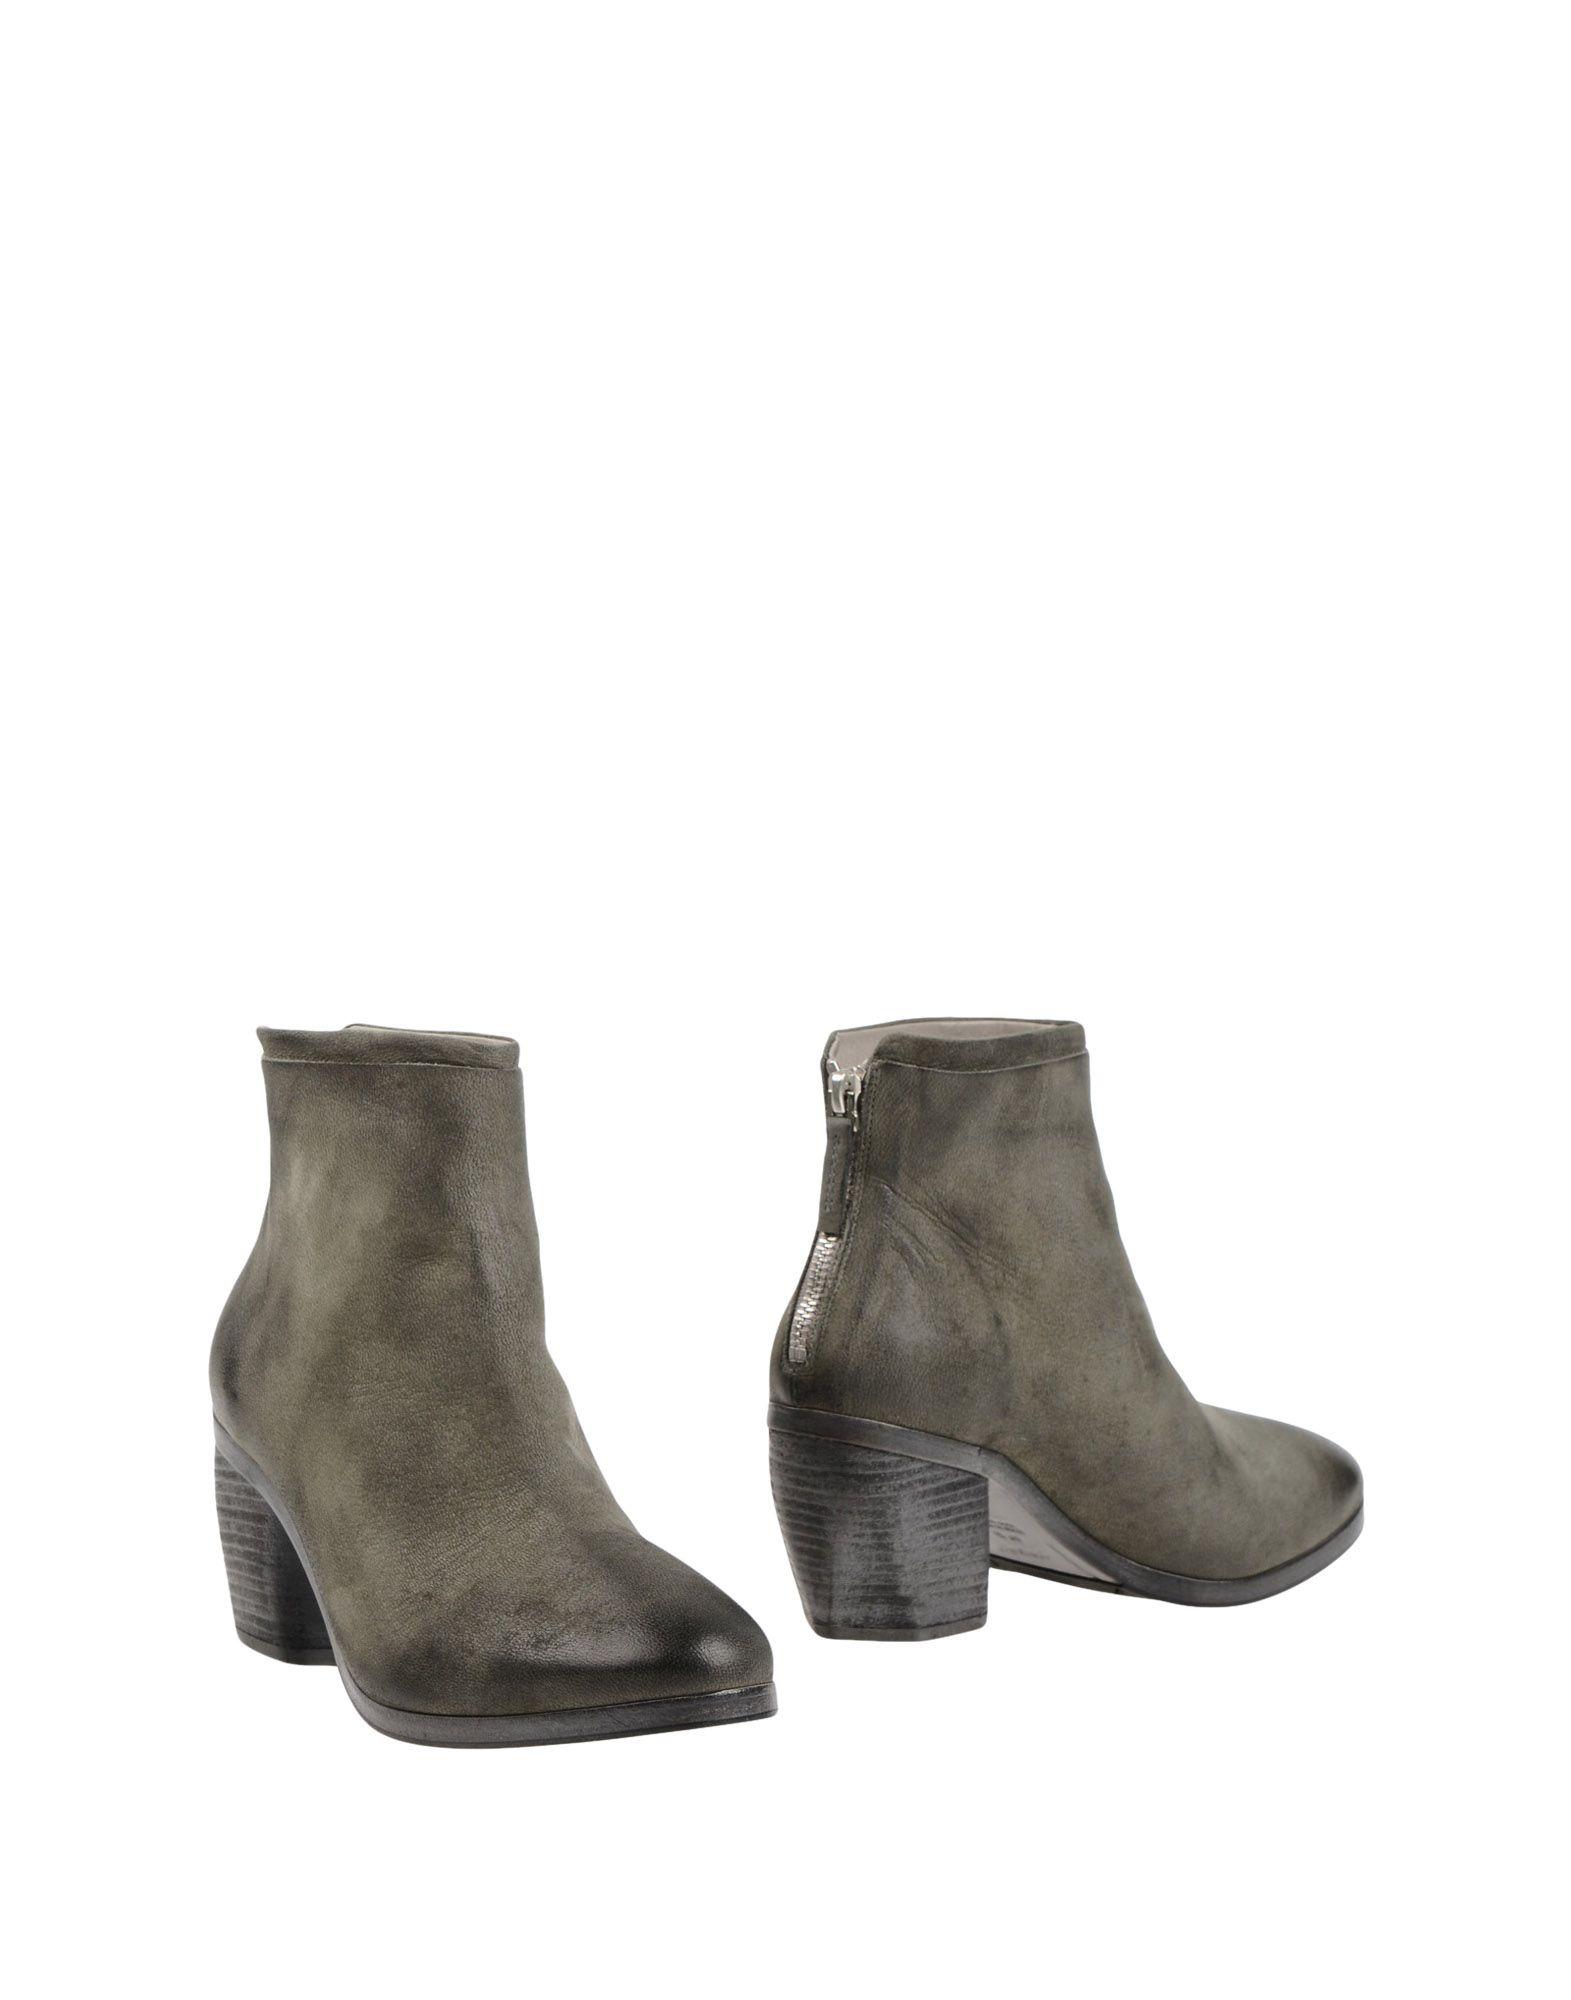 Marsèll Stiefelette Damen  11312921JOGünstige gut aussehende Schuhe